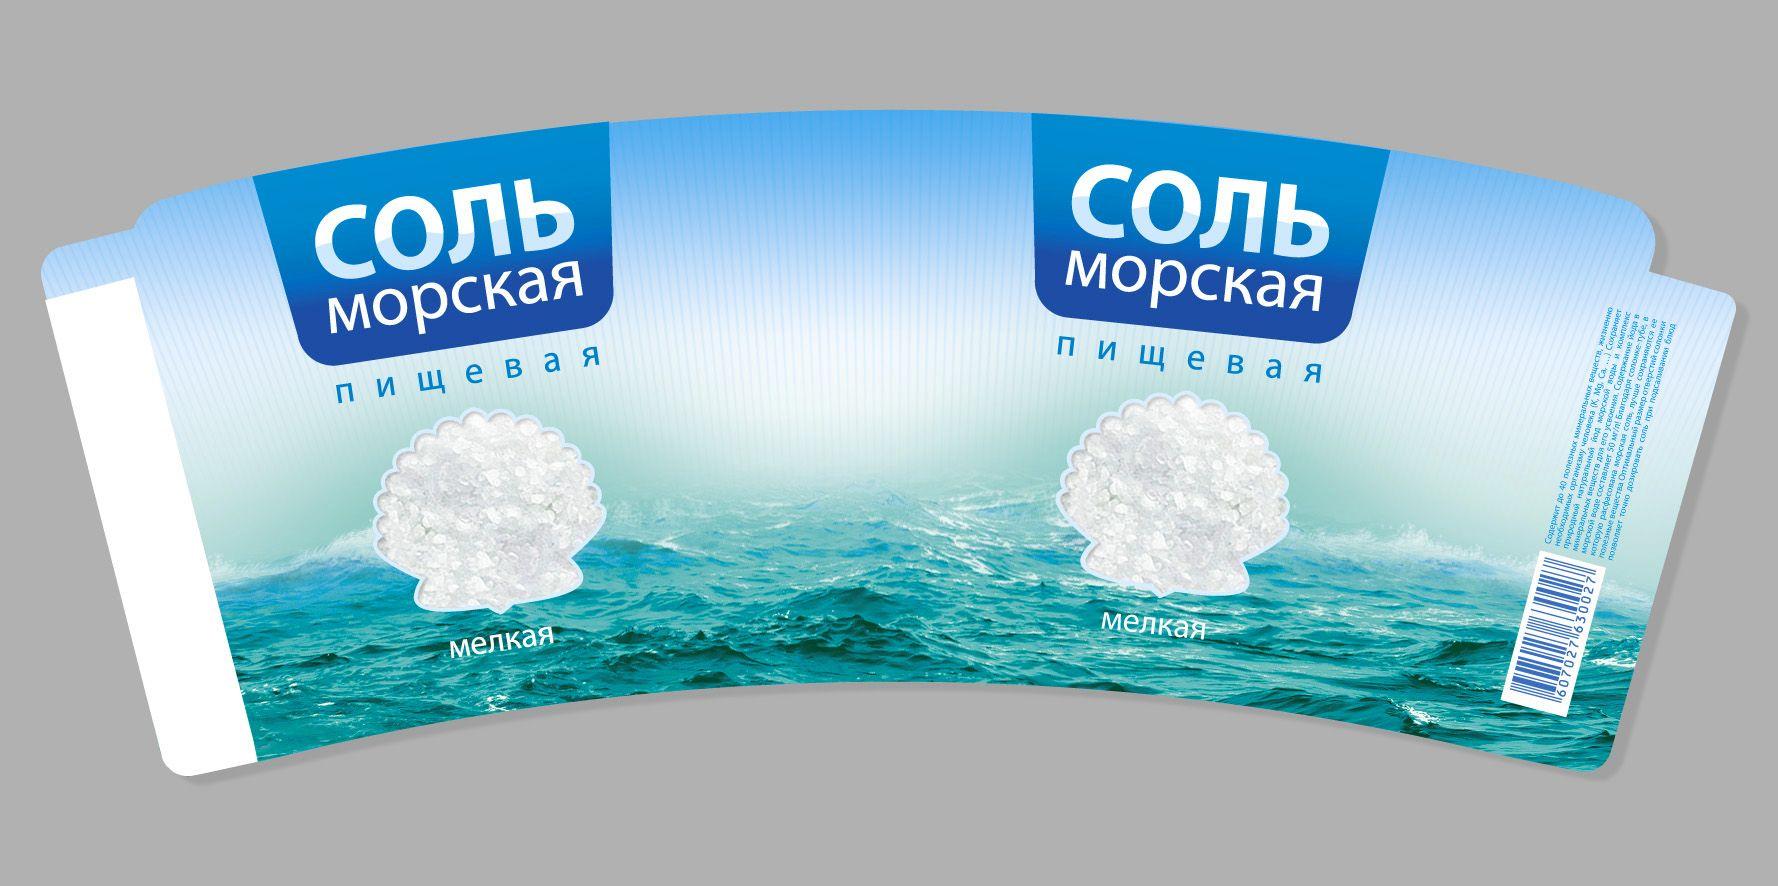 Дизайн этикетки для соли пищевой морской  - дизайнер sexposs